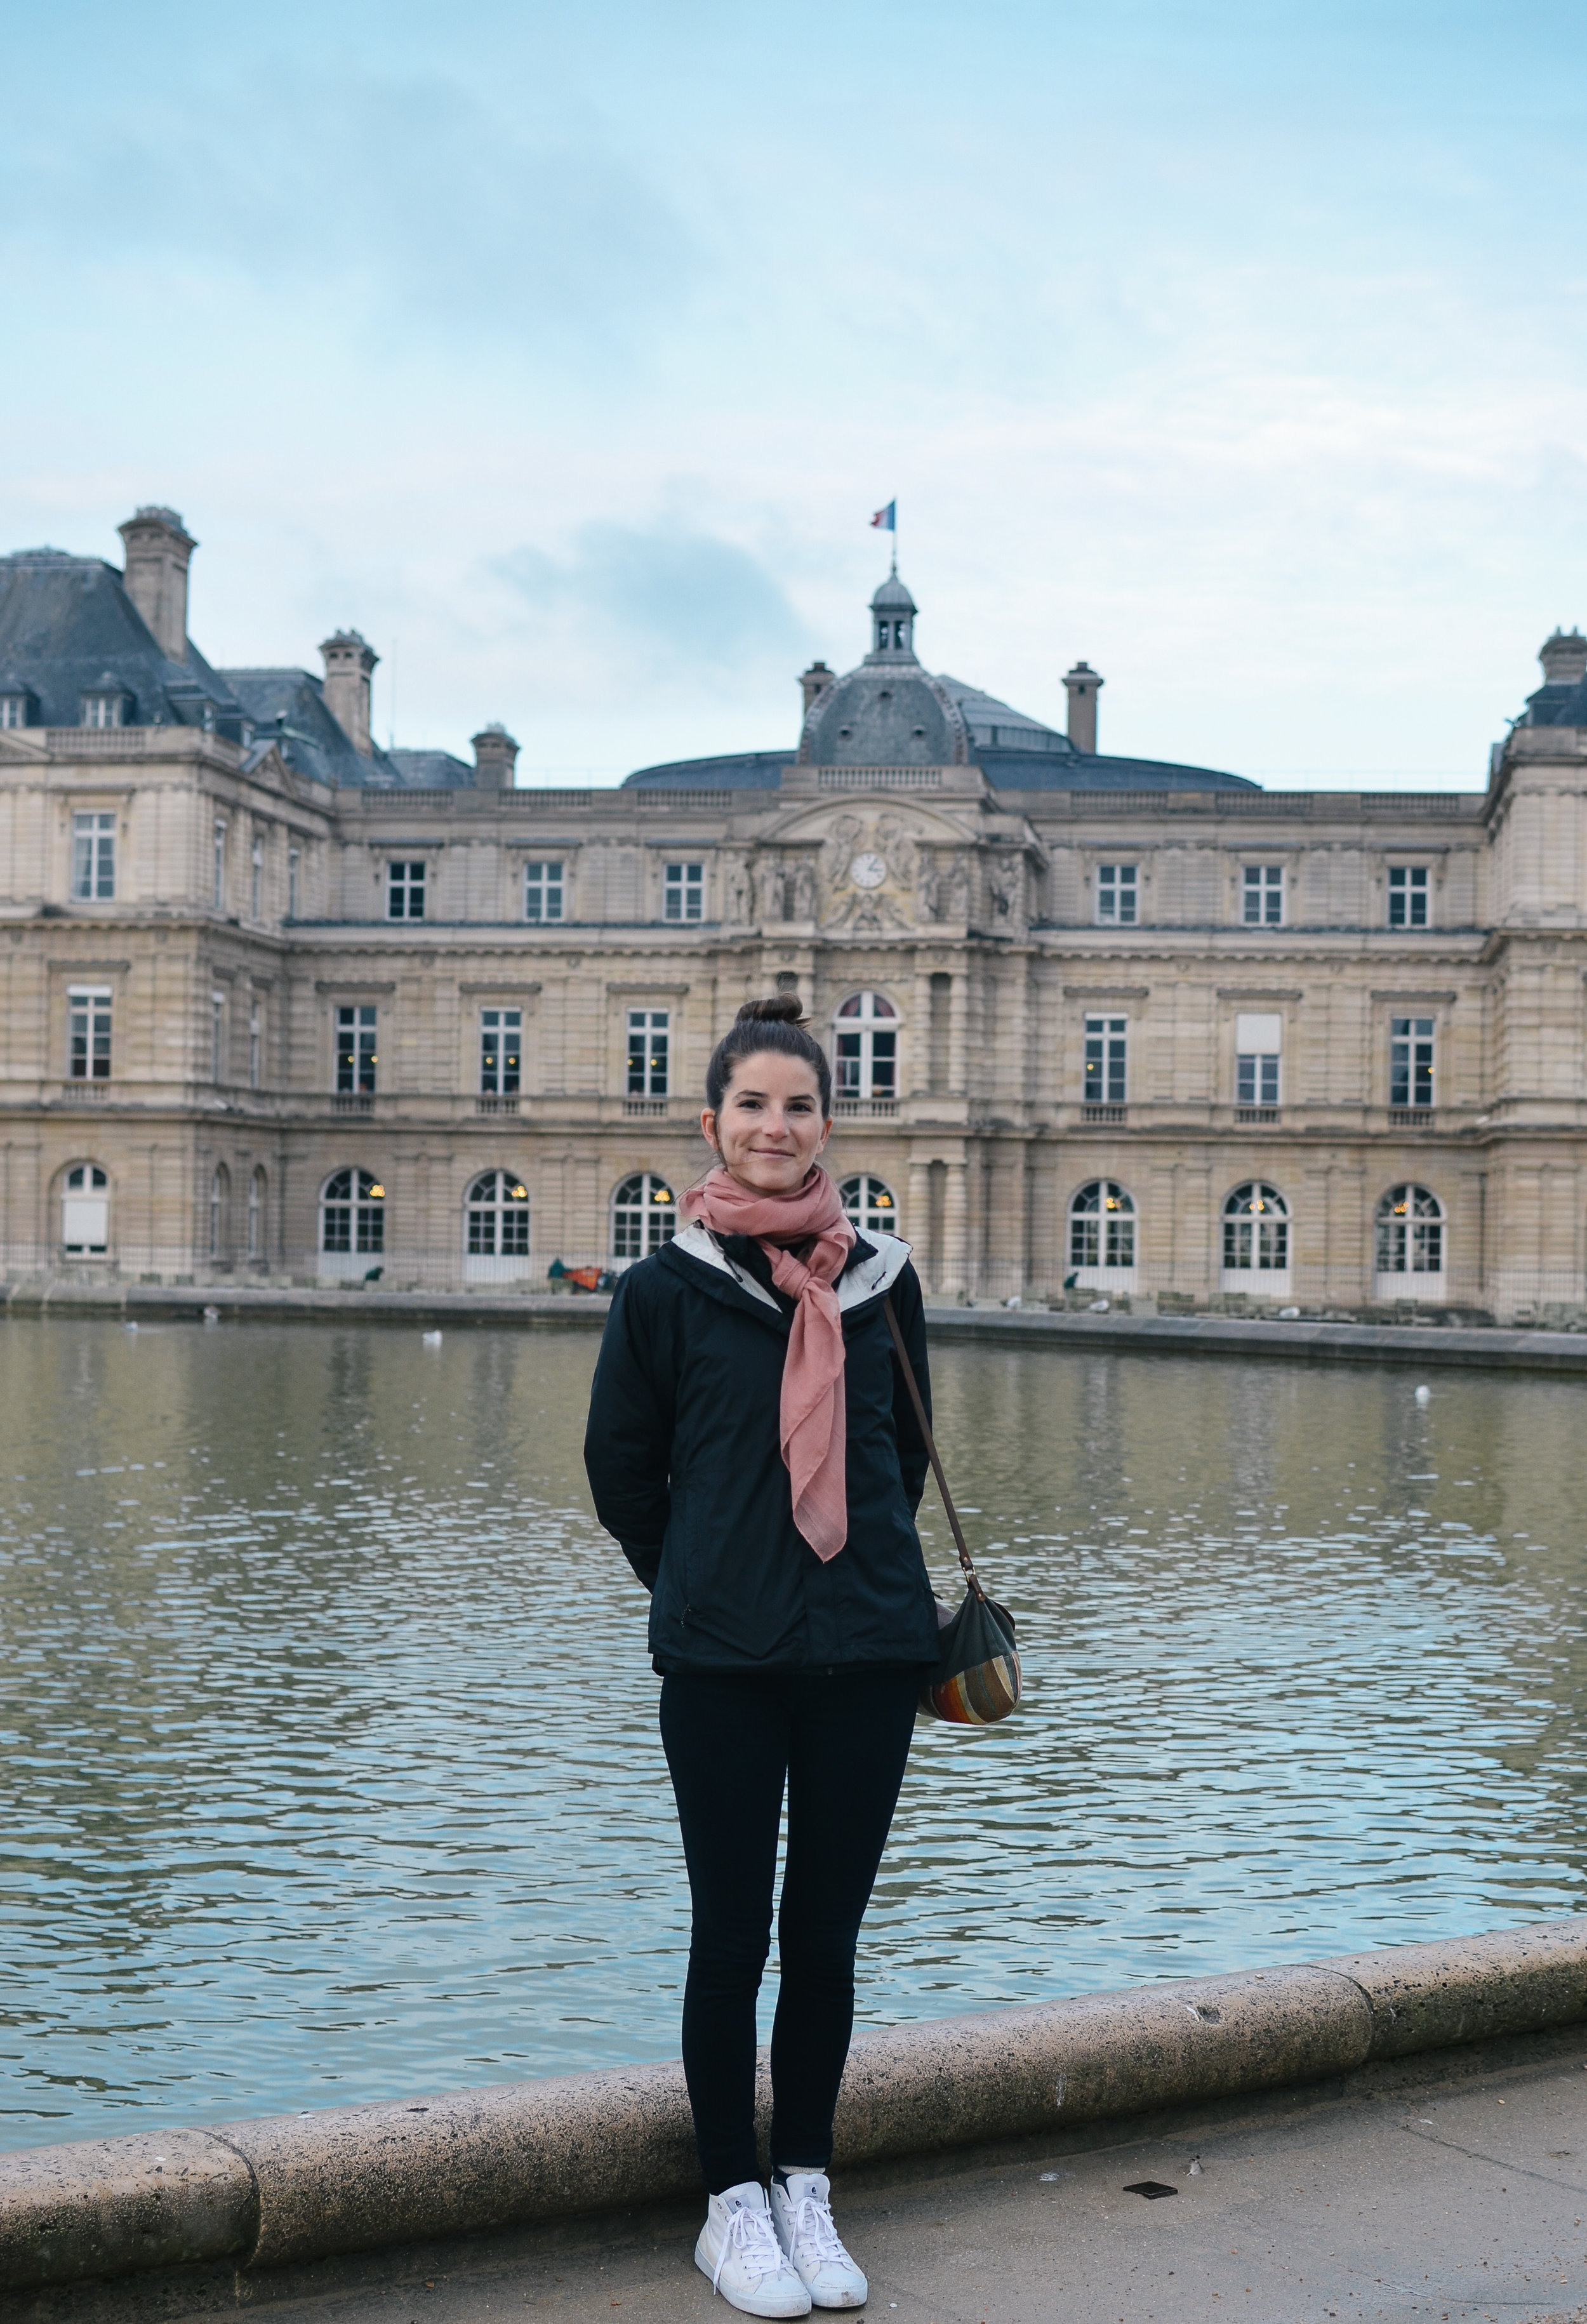 paris-france-travel-guide-lifeonpine_DSC_0350.jpg